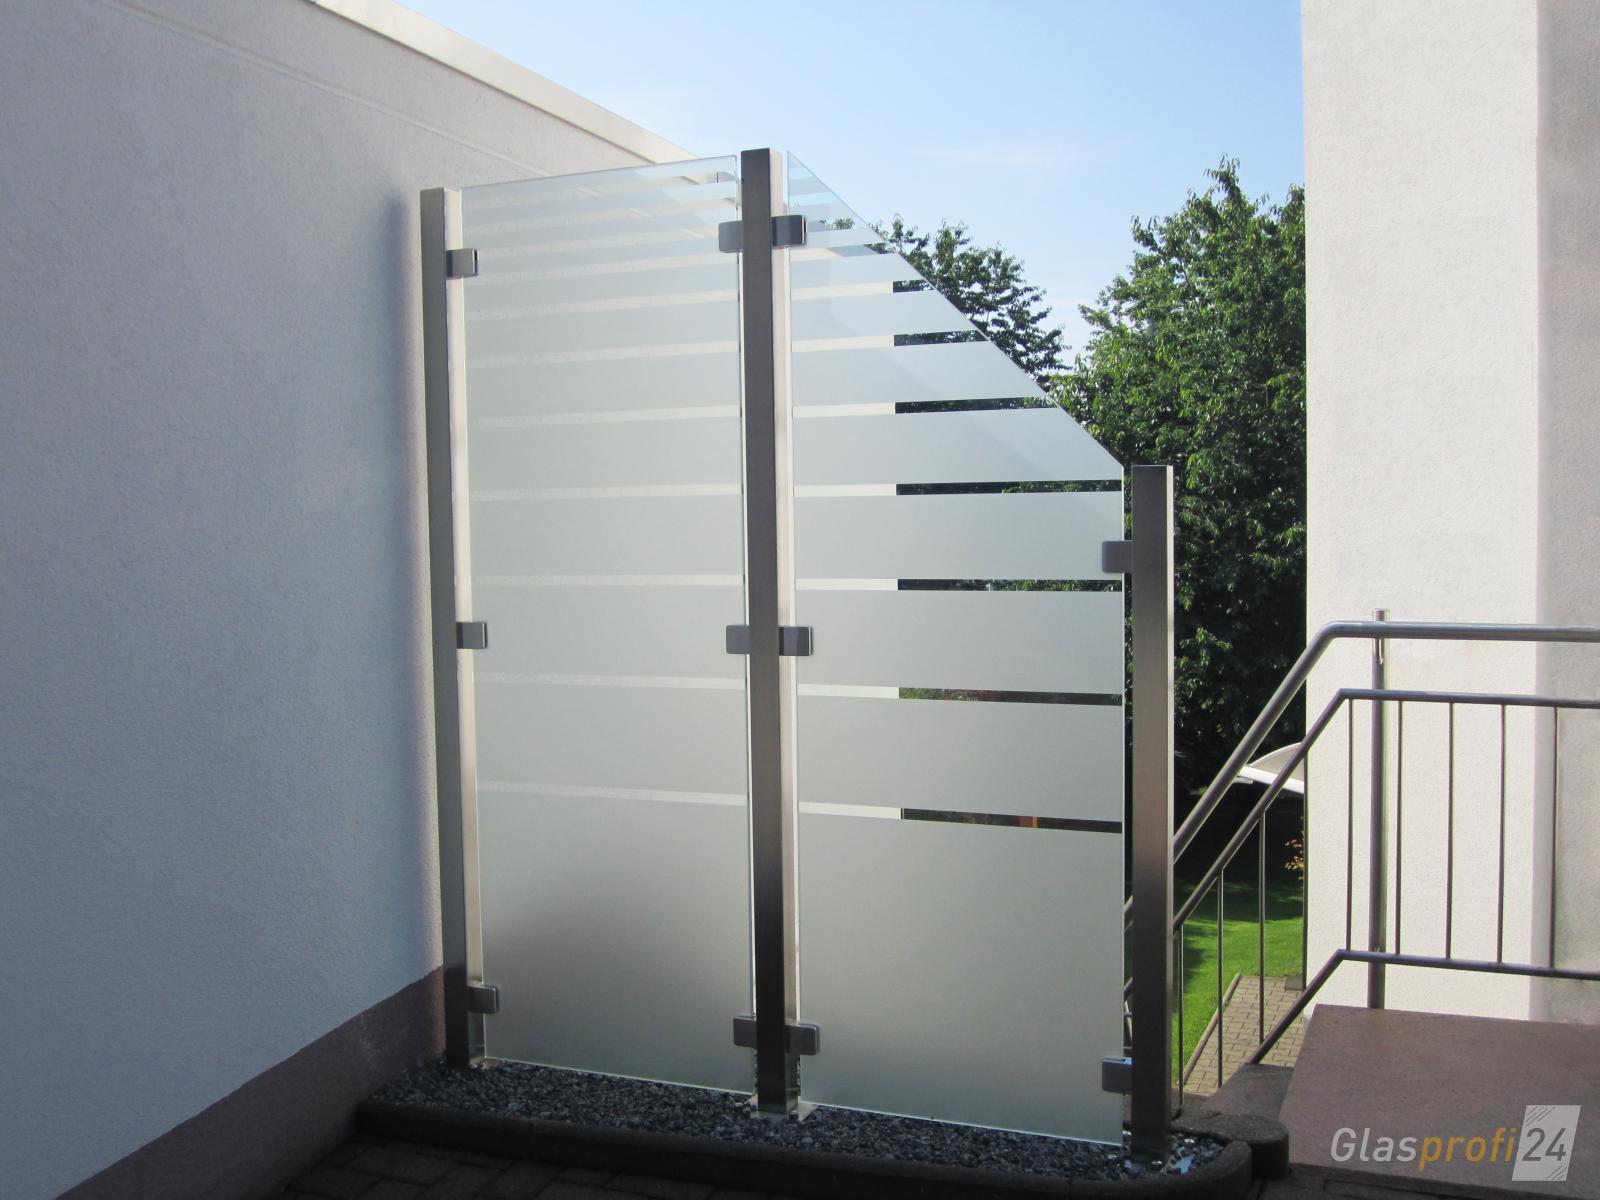 Mbel Und Accessoires. Deko Im Garten Mbel Accessoires Zum Herrlich ...